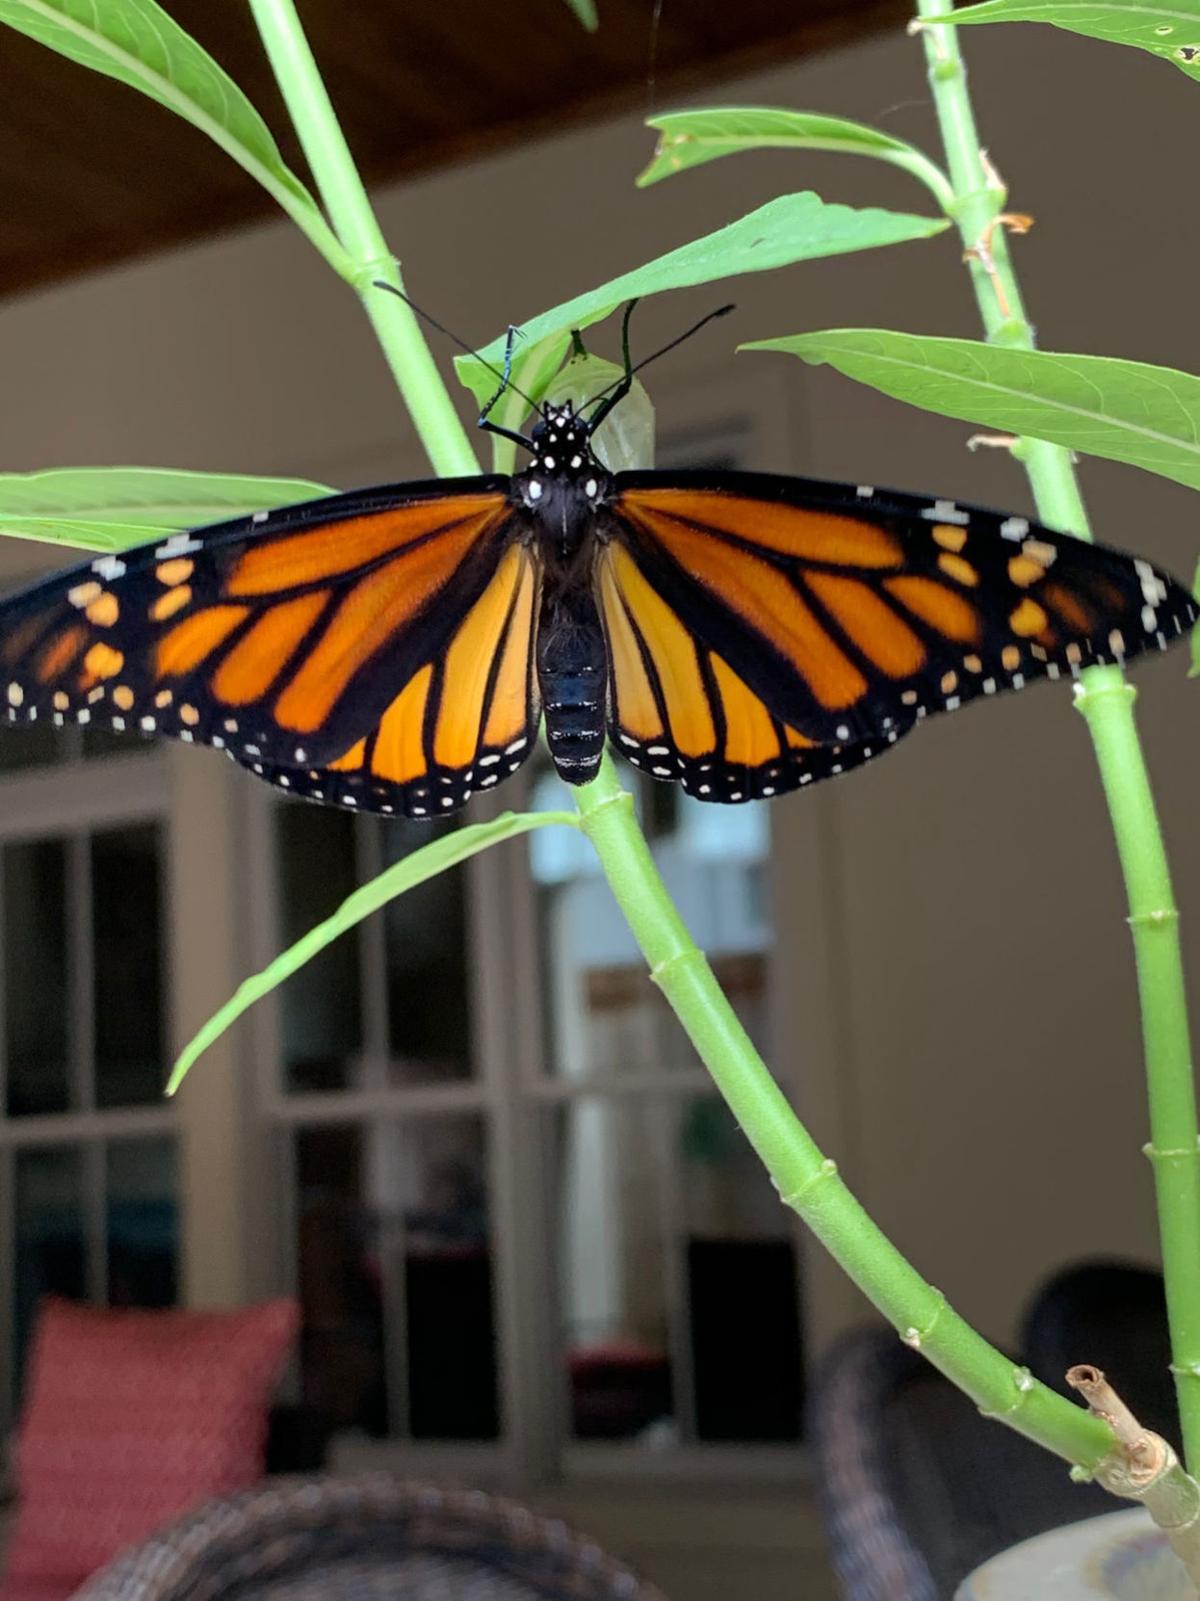 ACA.butterflystation.021.adv